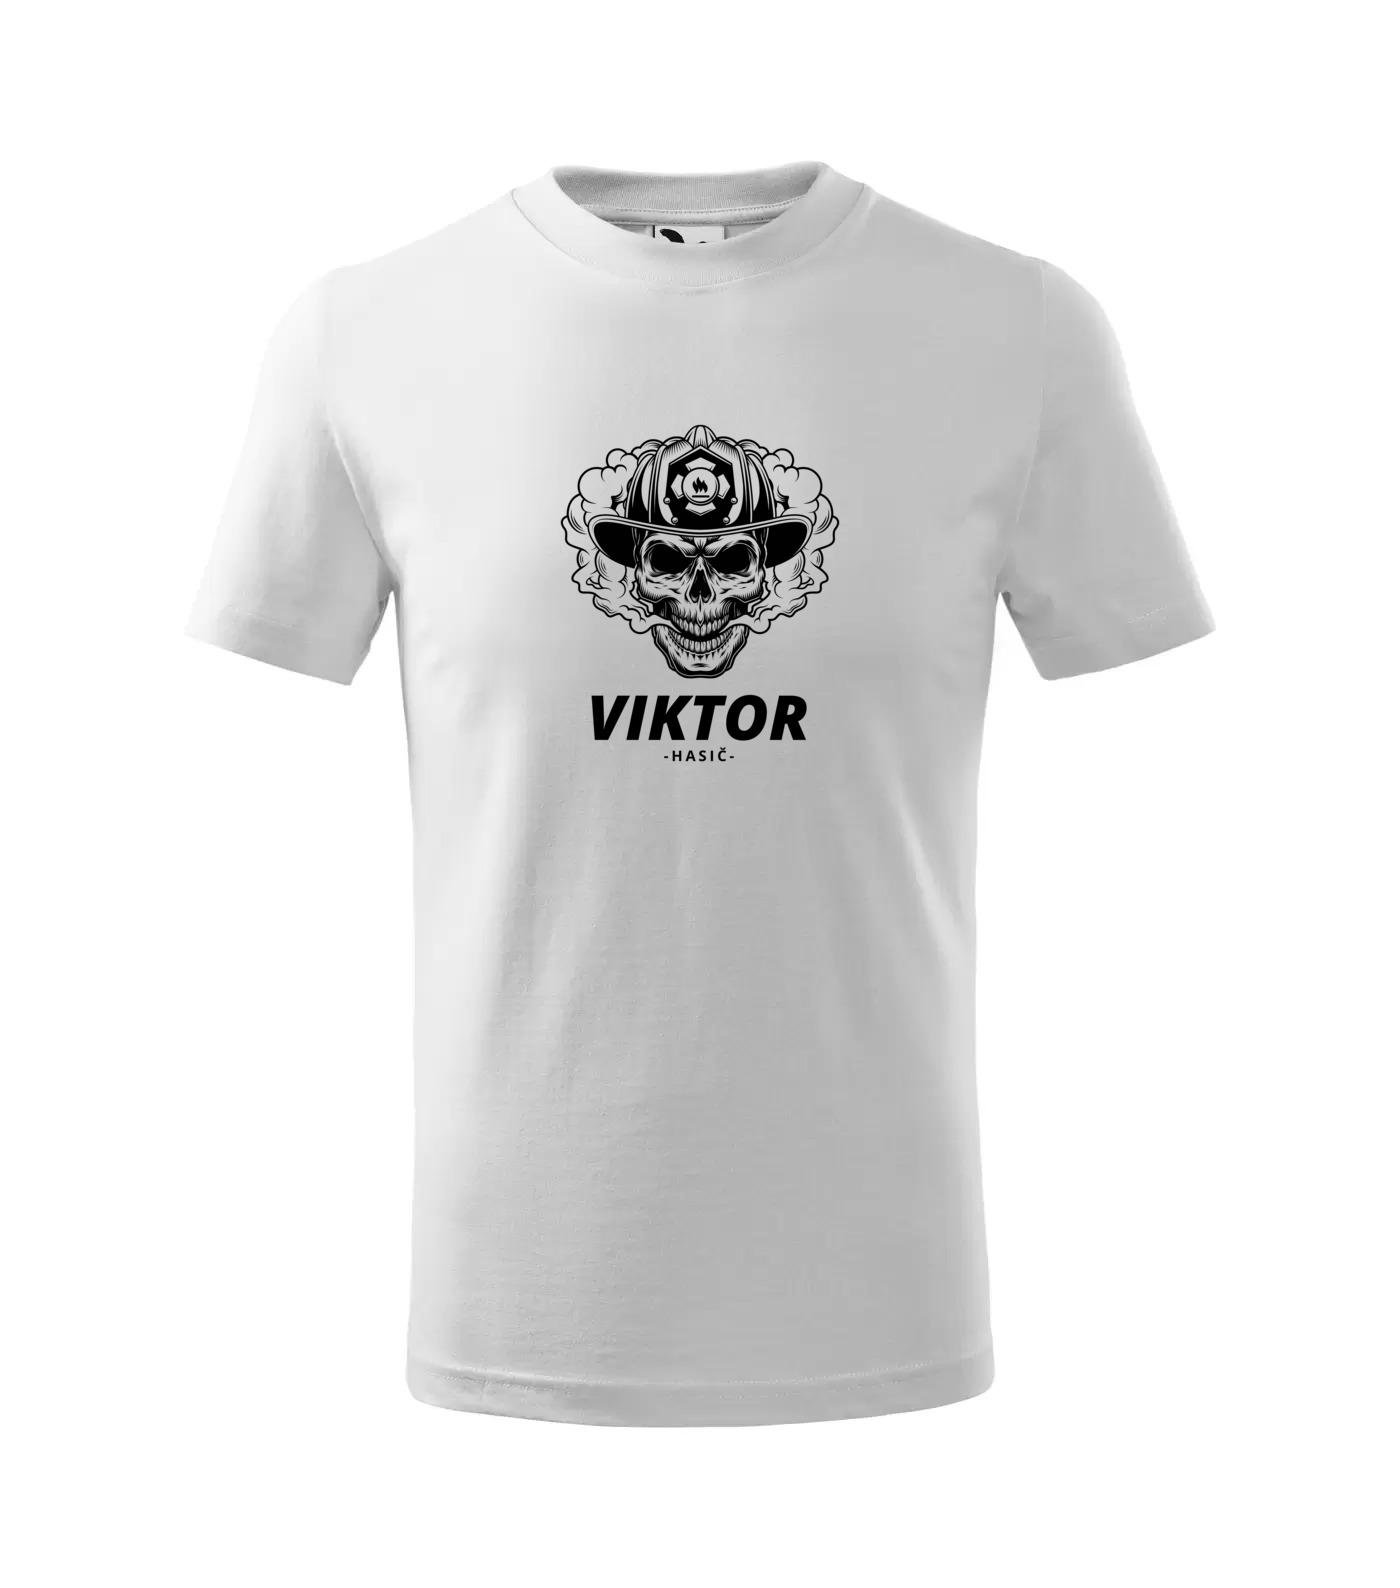 Tričko Hasič Viktor